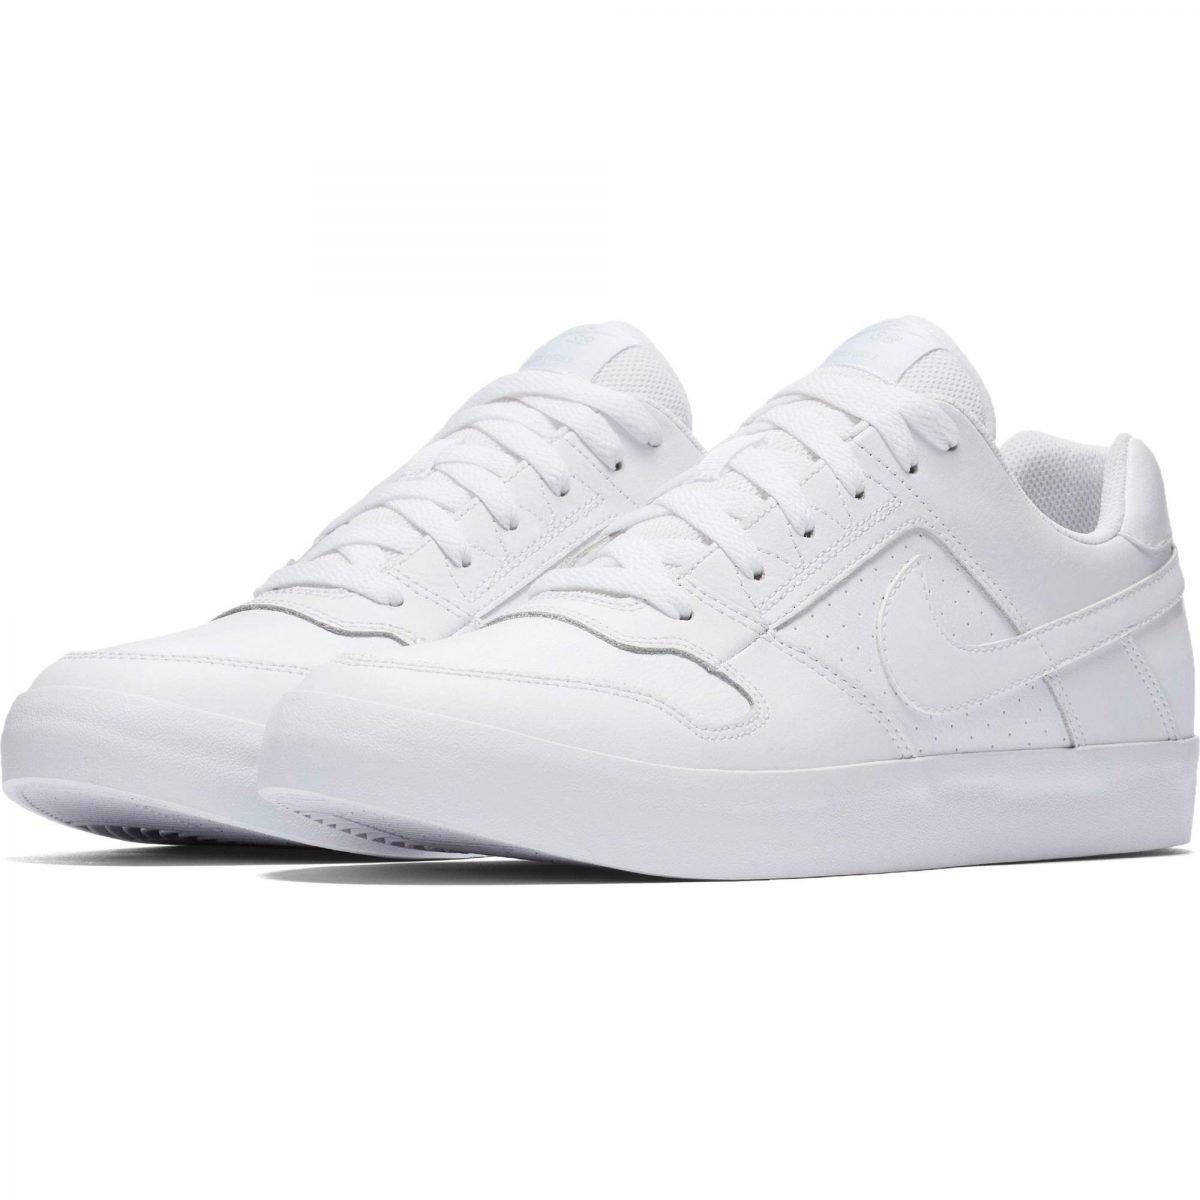 Nike SB Damen Sneaker Delta Force Vulc